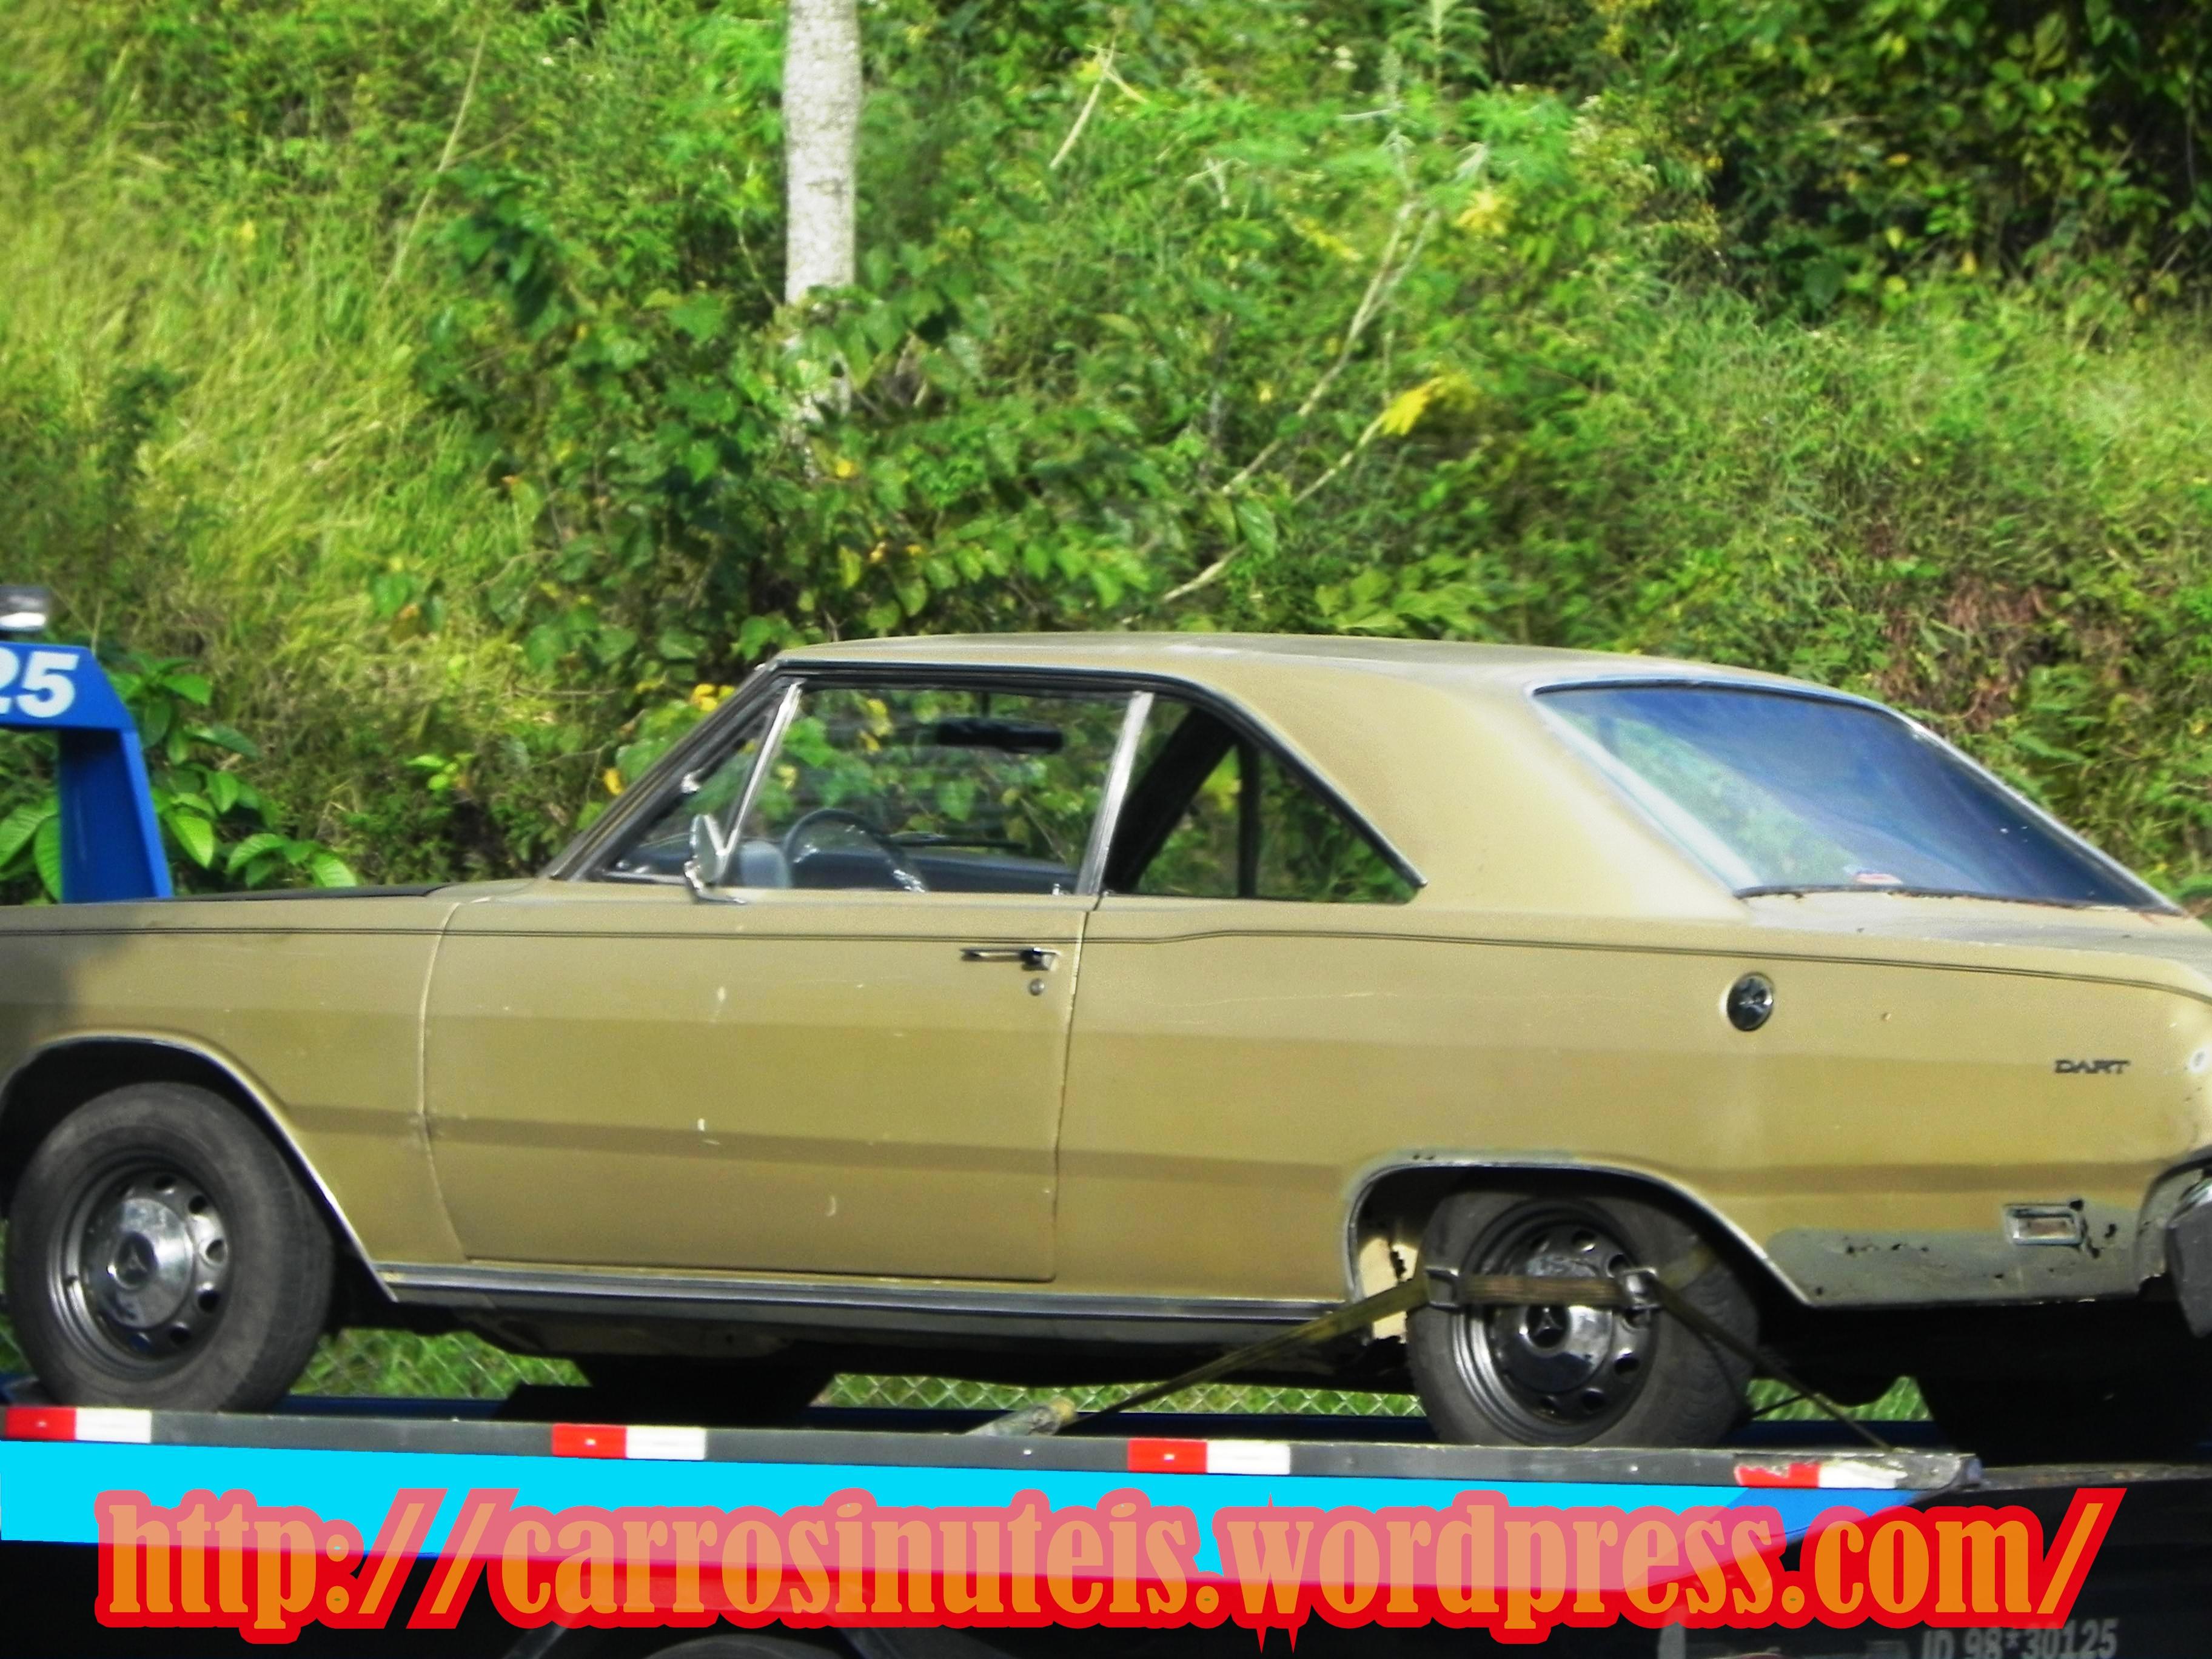 urenato-dodge_dart_coupe_1973_7 Dodge Dart